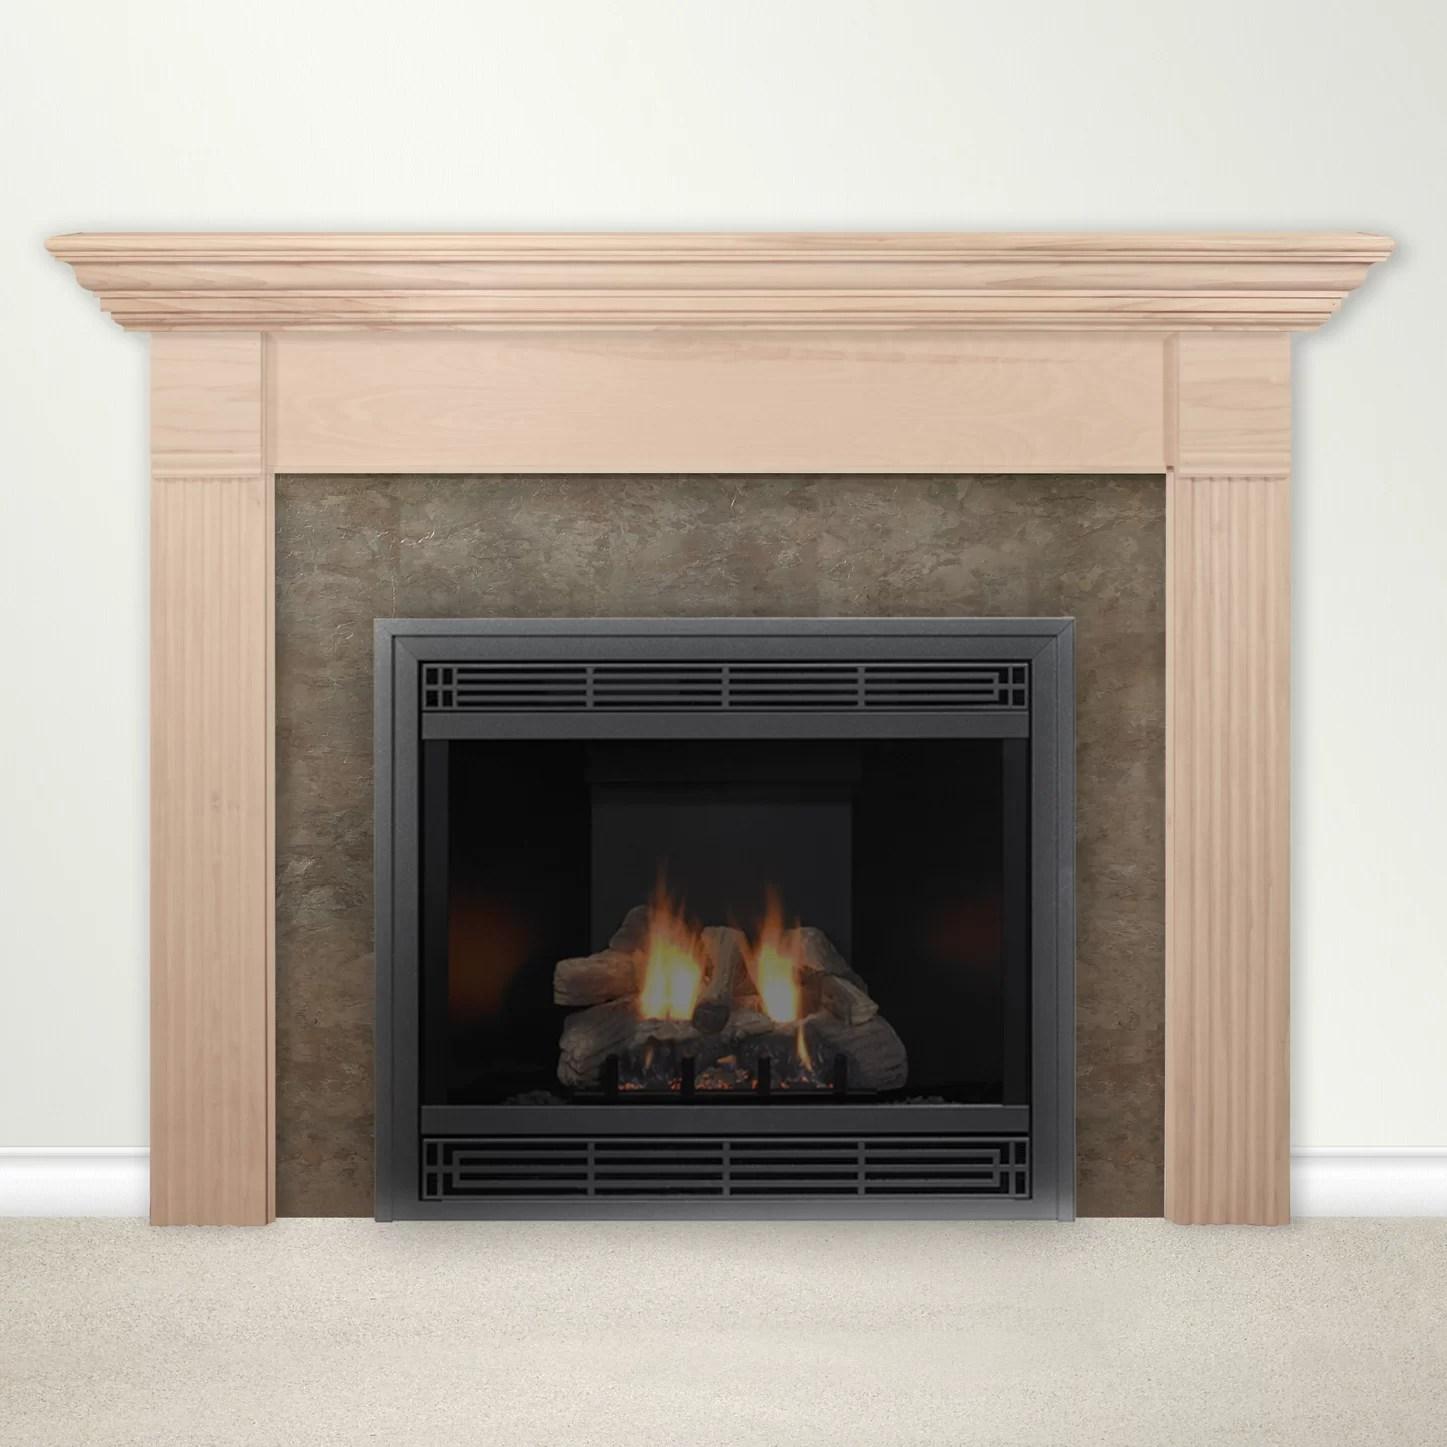 Housewarmer Fireplace Mantel Surround with Shelf  eBay